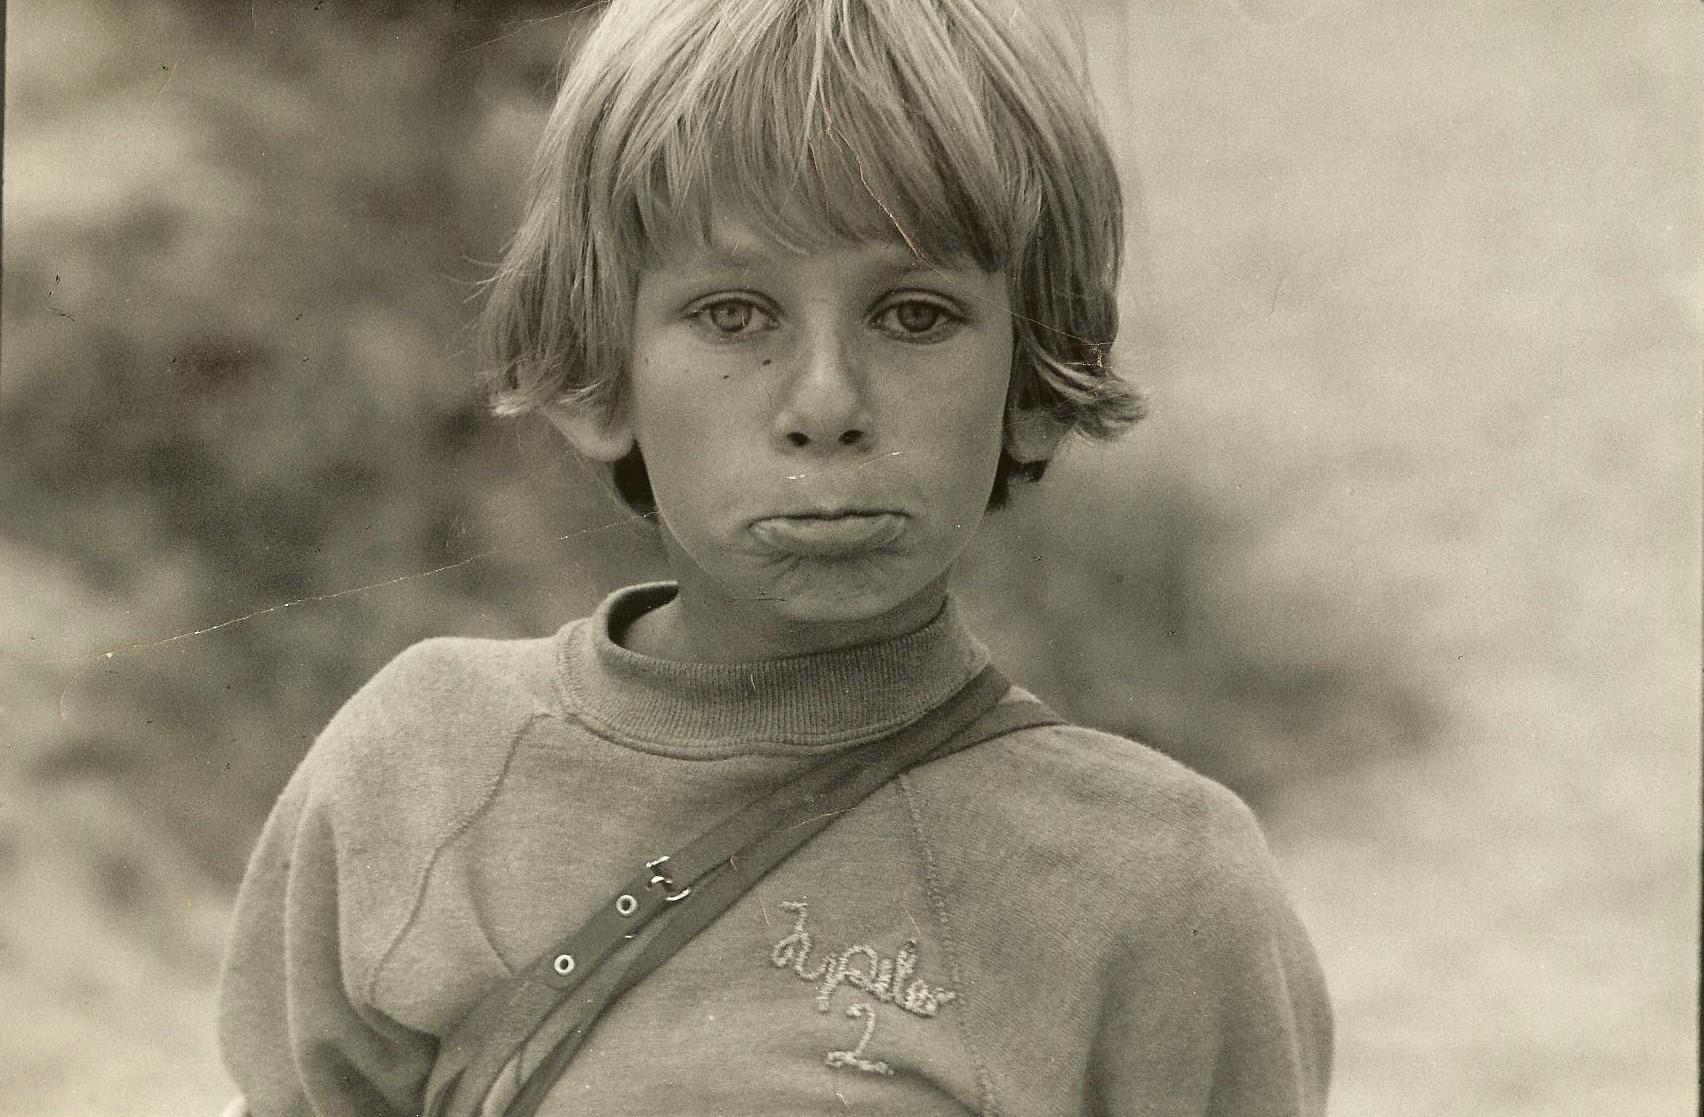 Young Tom Malinowski